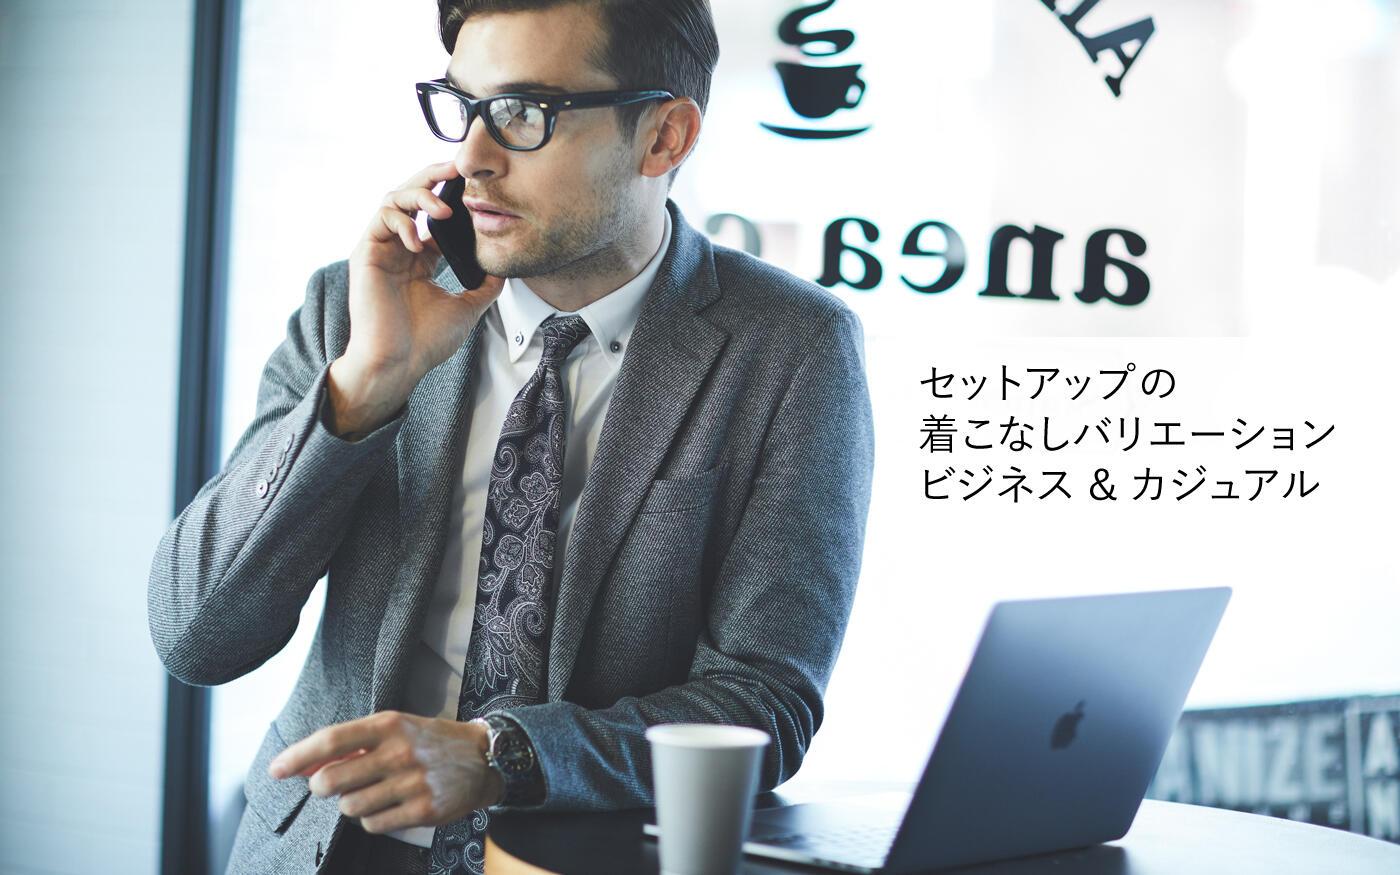 セットアップの着こなしバリエーション ビジネス & カジュアル